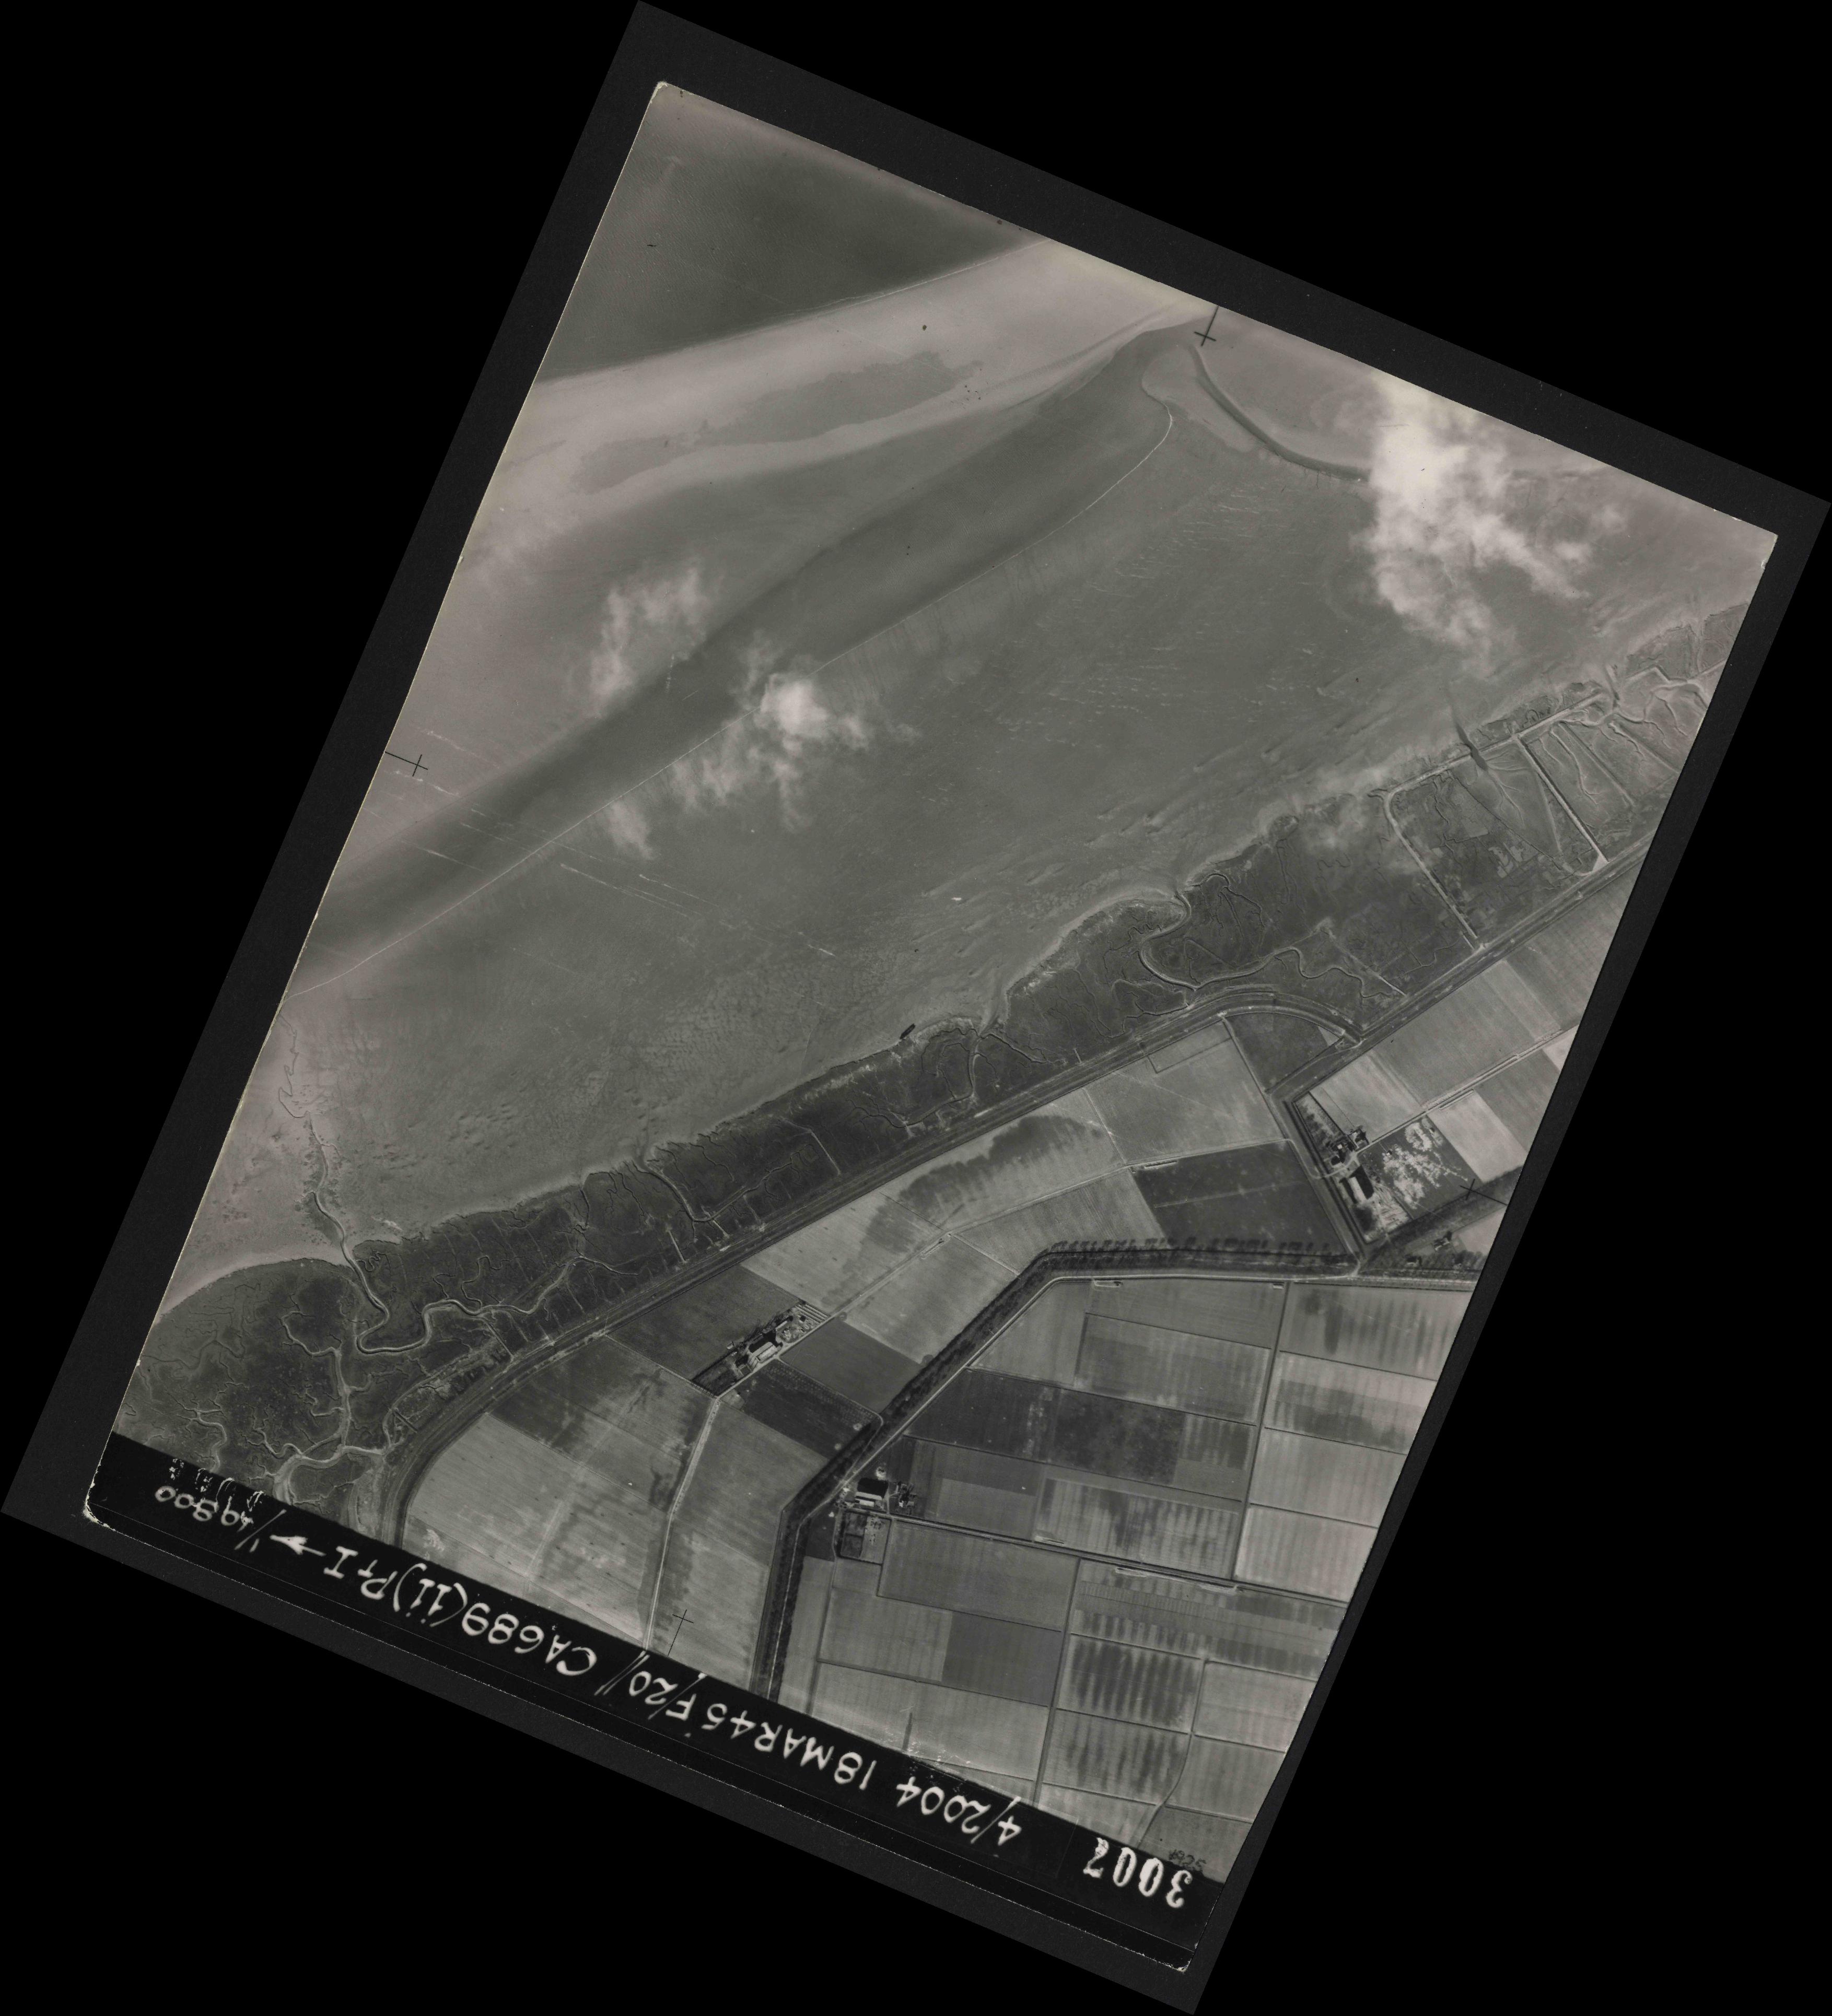 Collection RAF aerial photos 1940-1945 - flight 076, run 12, photo 3007